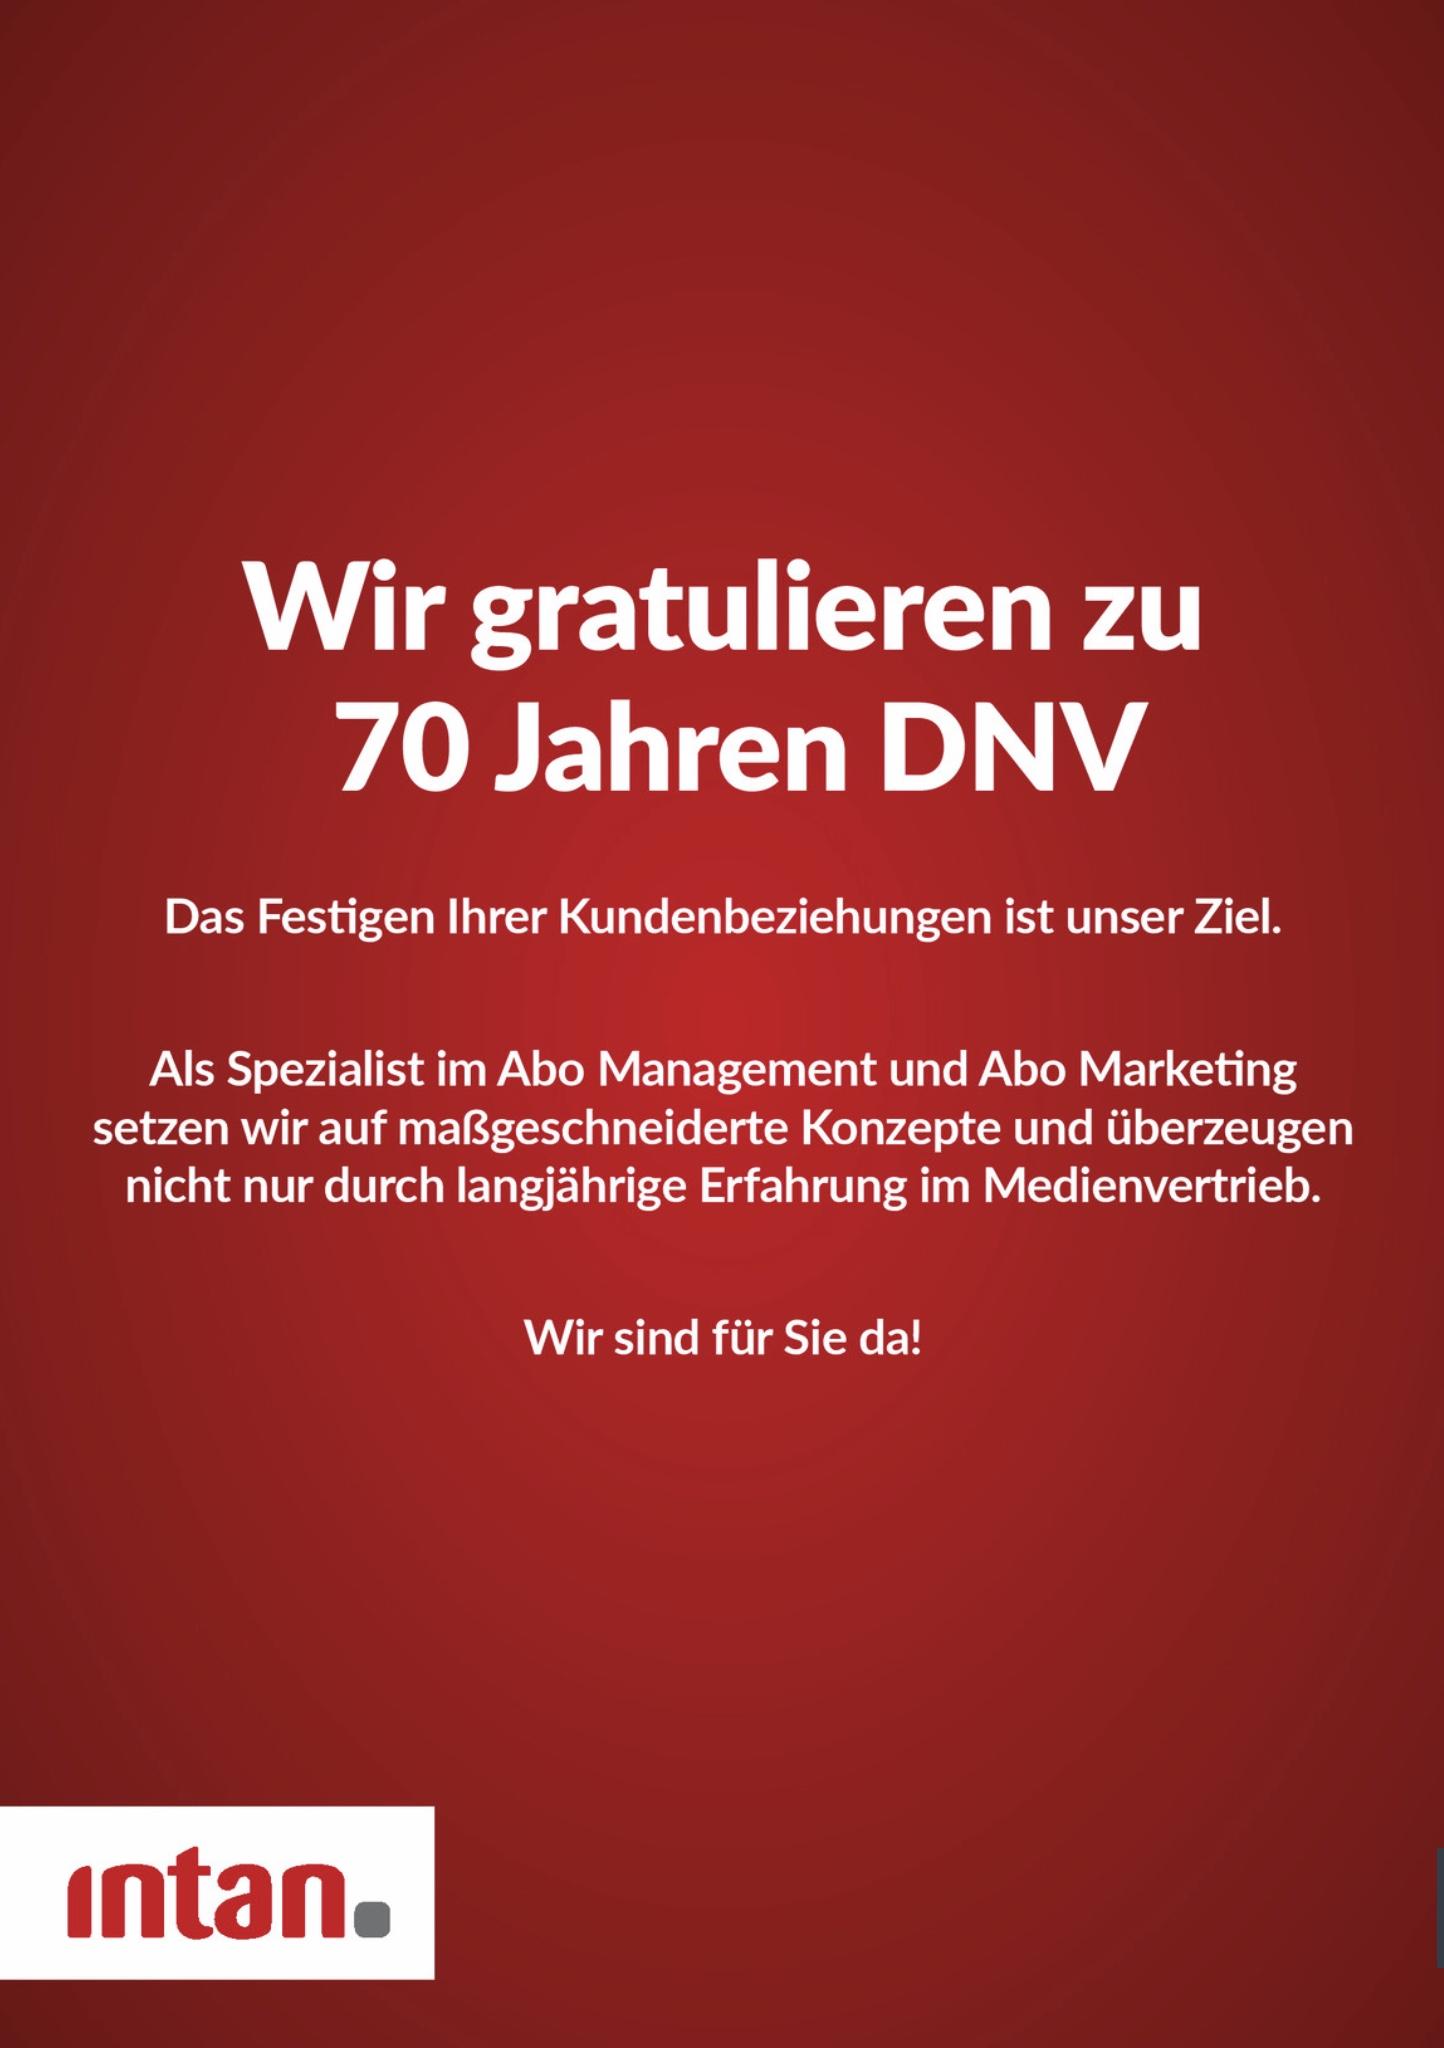 intan_anzeige_DNV